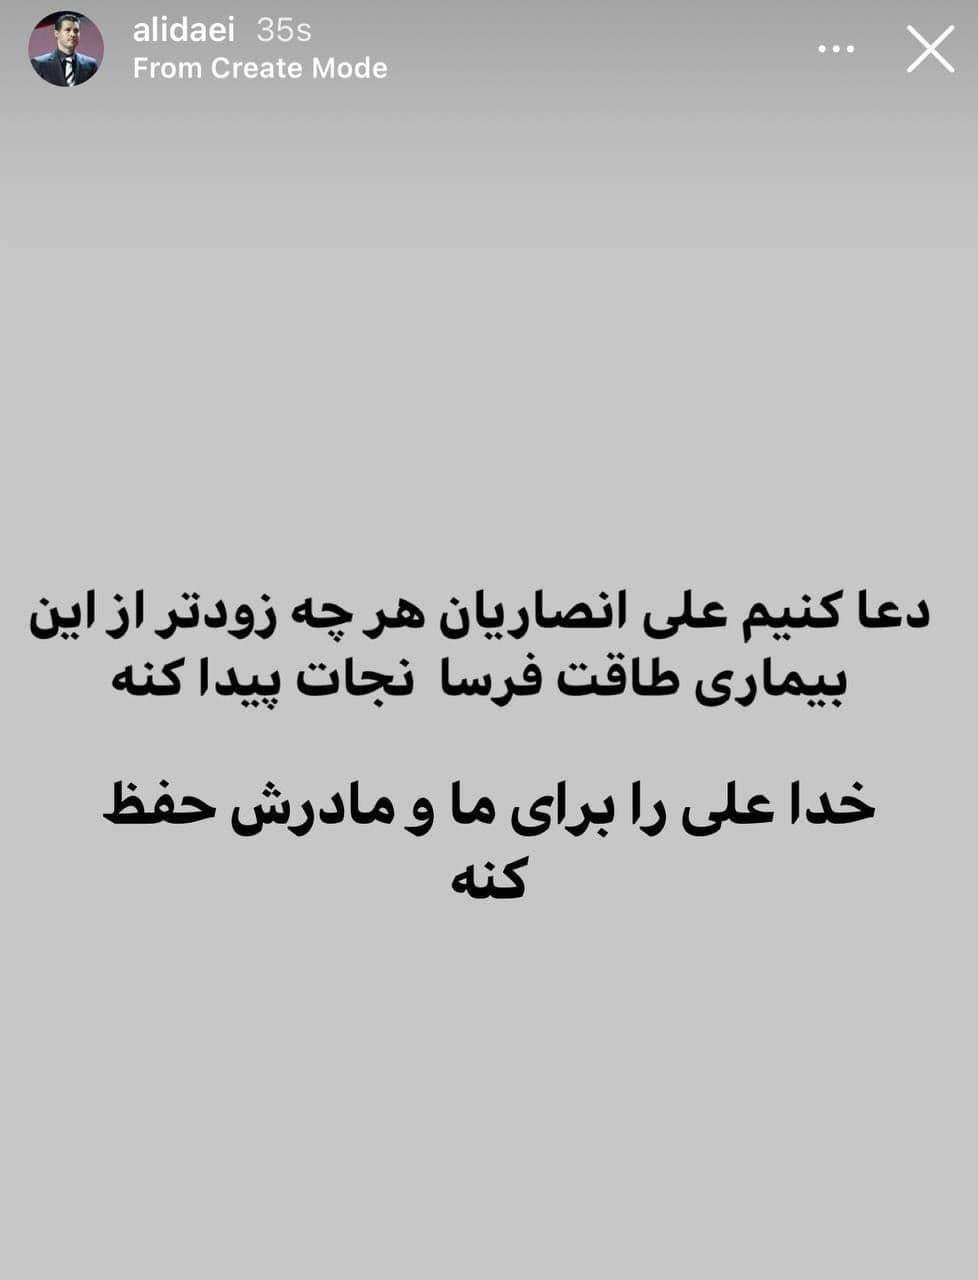 واکنش علی دایی به وخیم شدن حال انصاریان